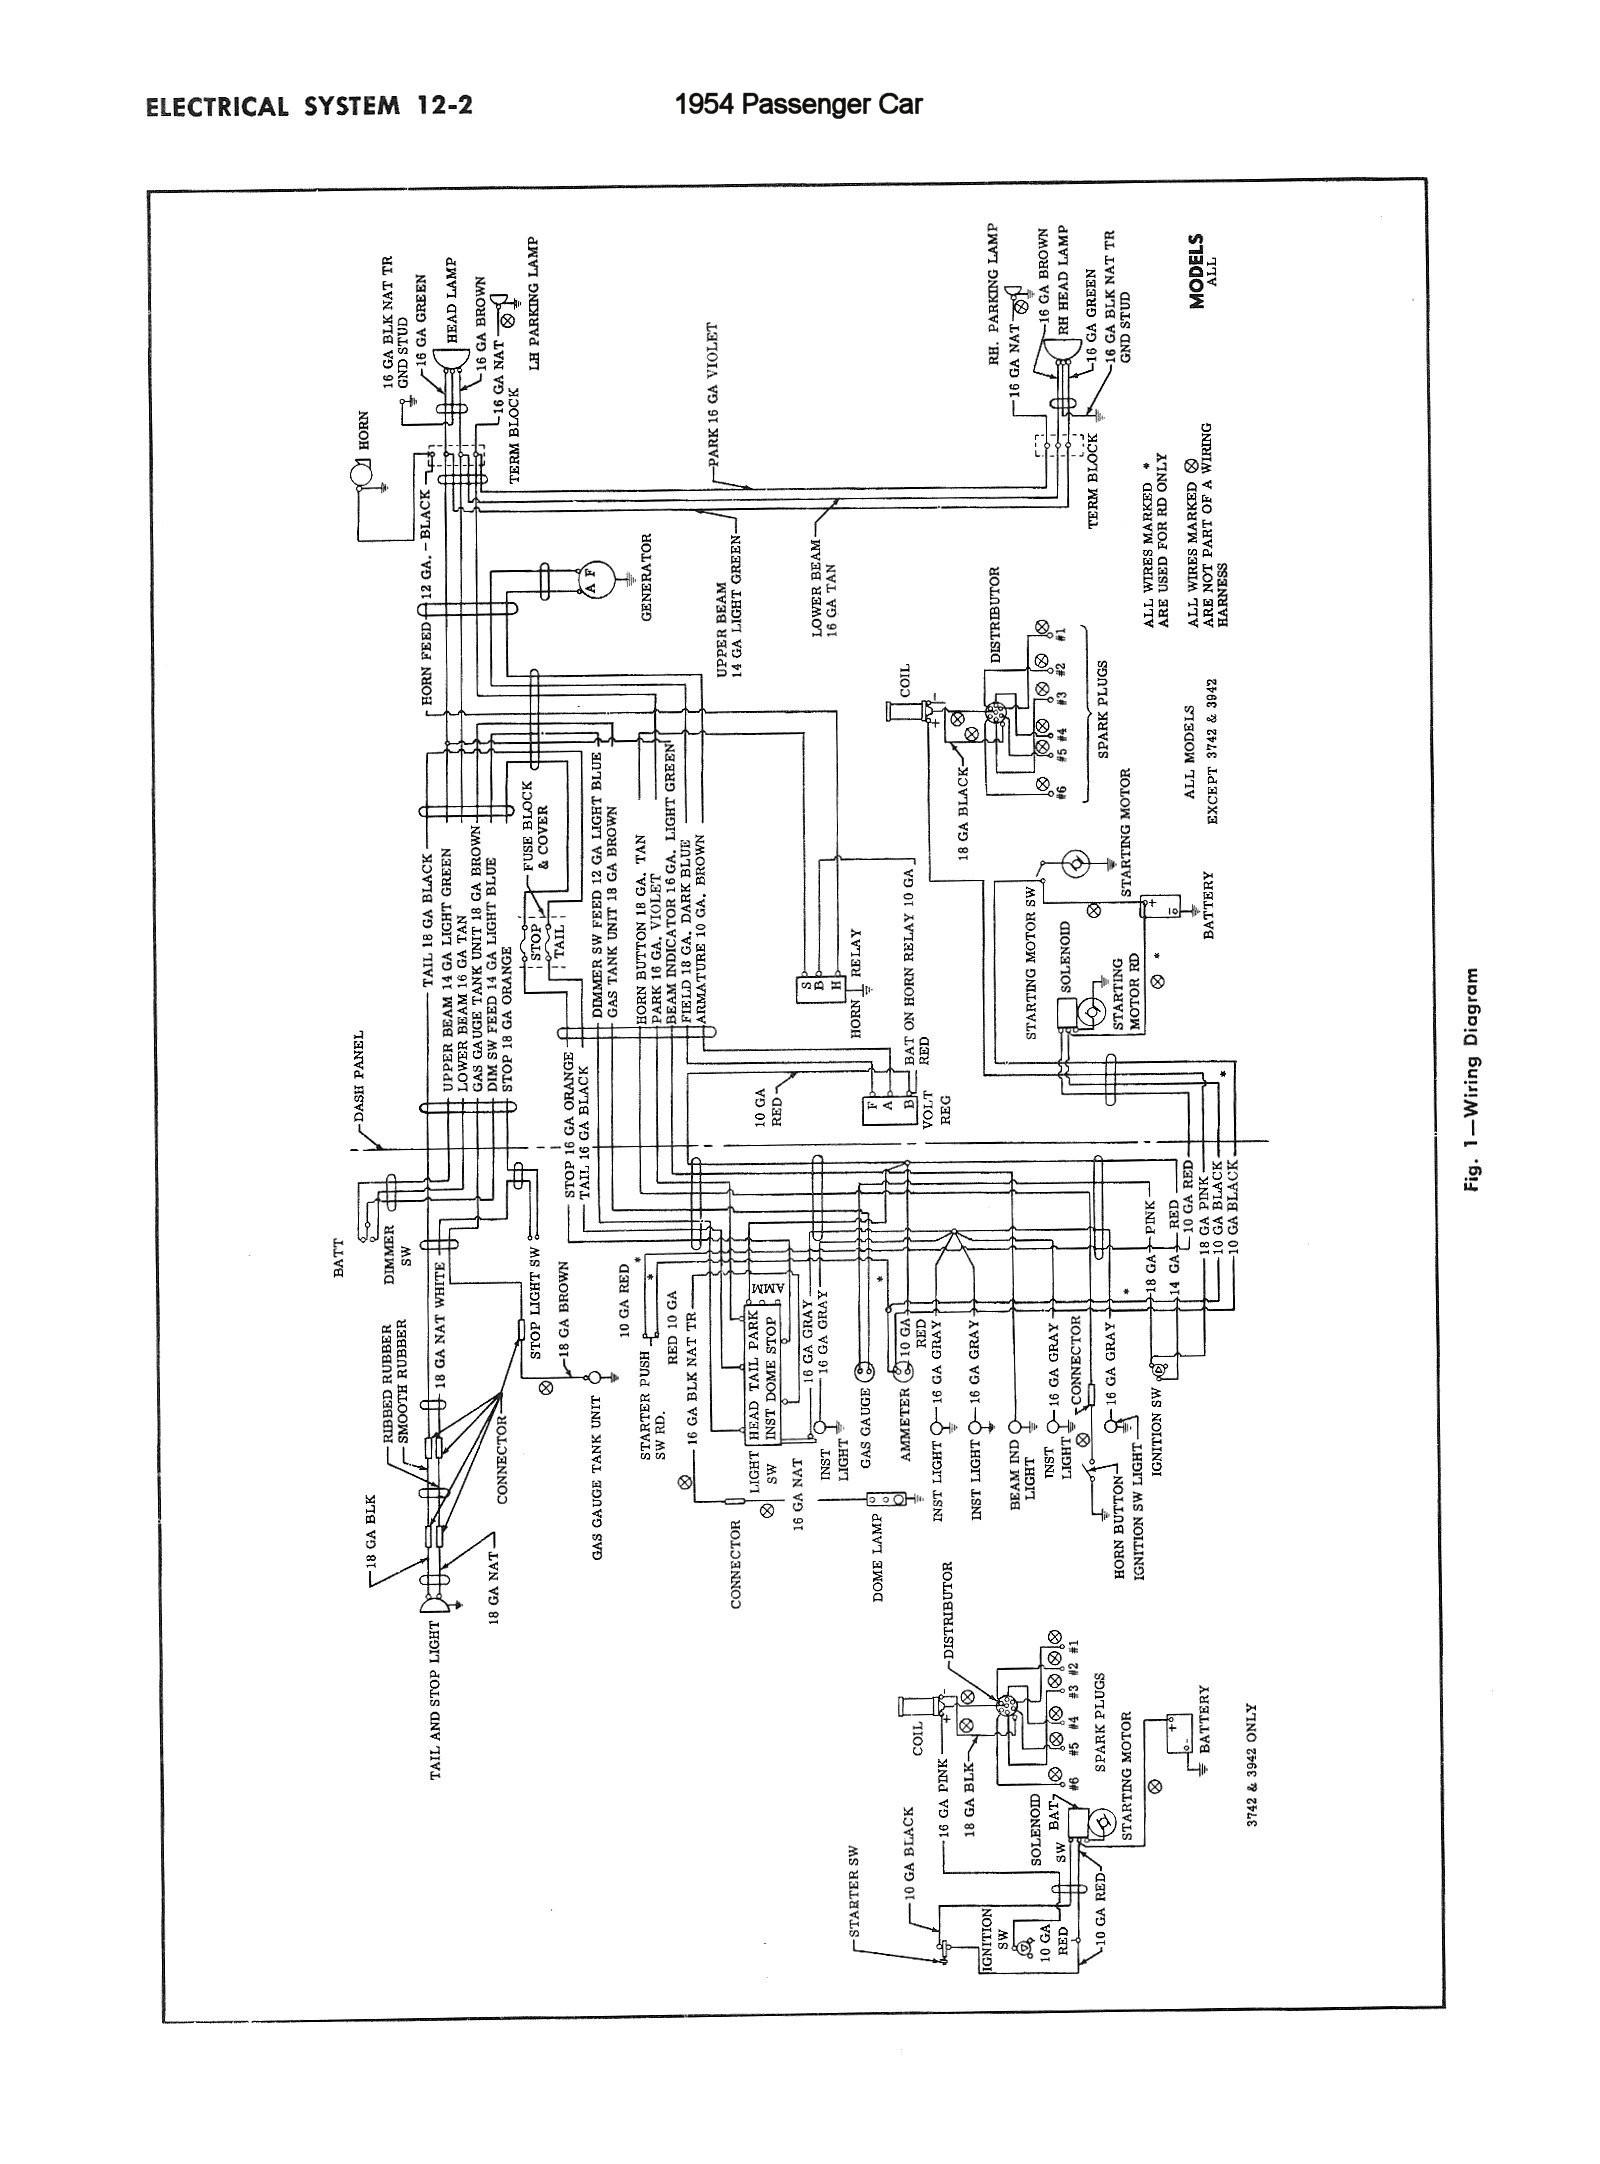 1954 corvette wiring diagram wiring schematic diagram 1954 corvette wiring diagram wiring